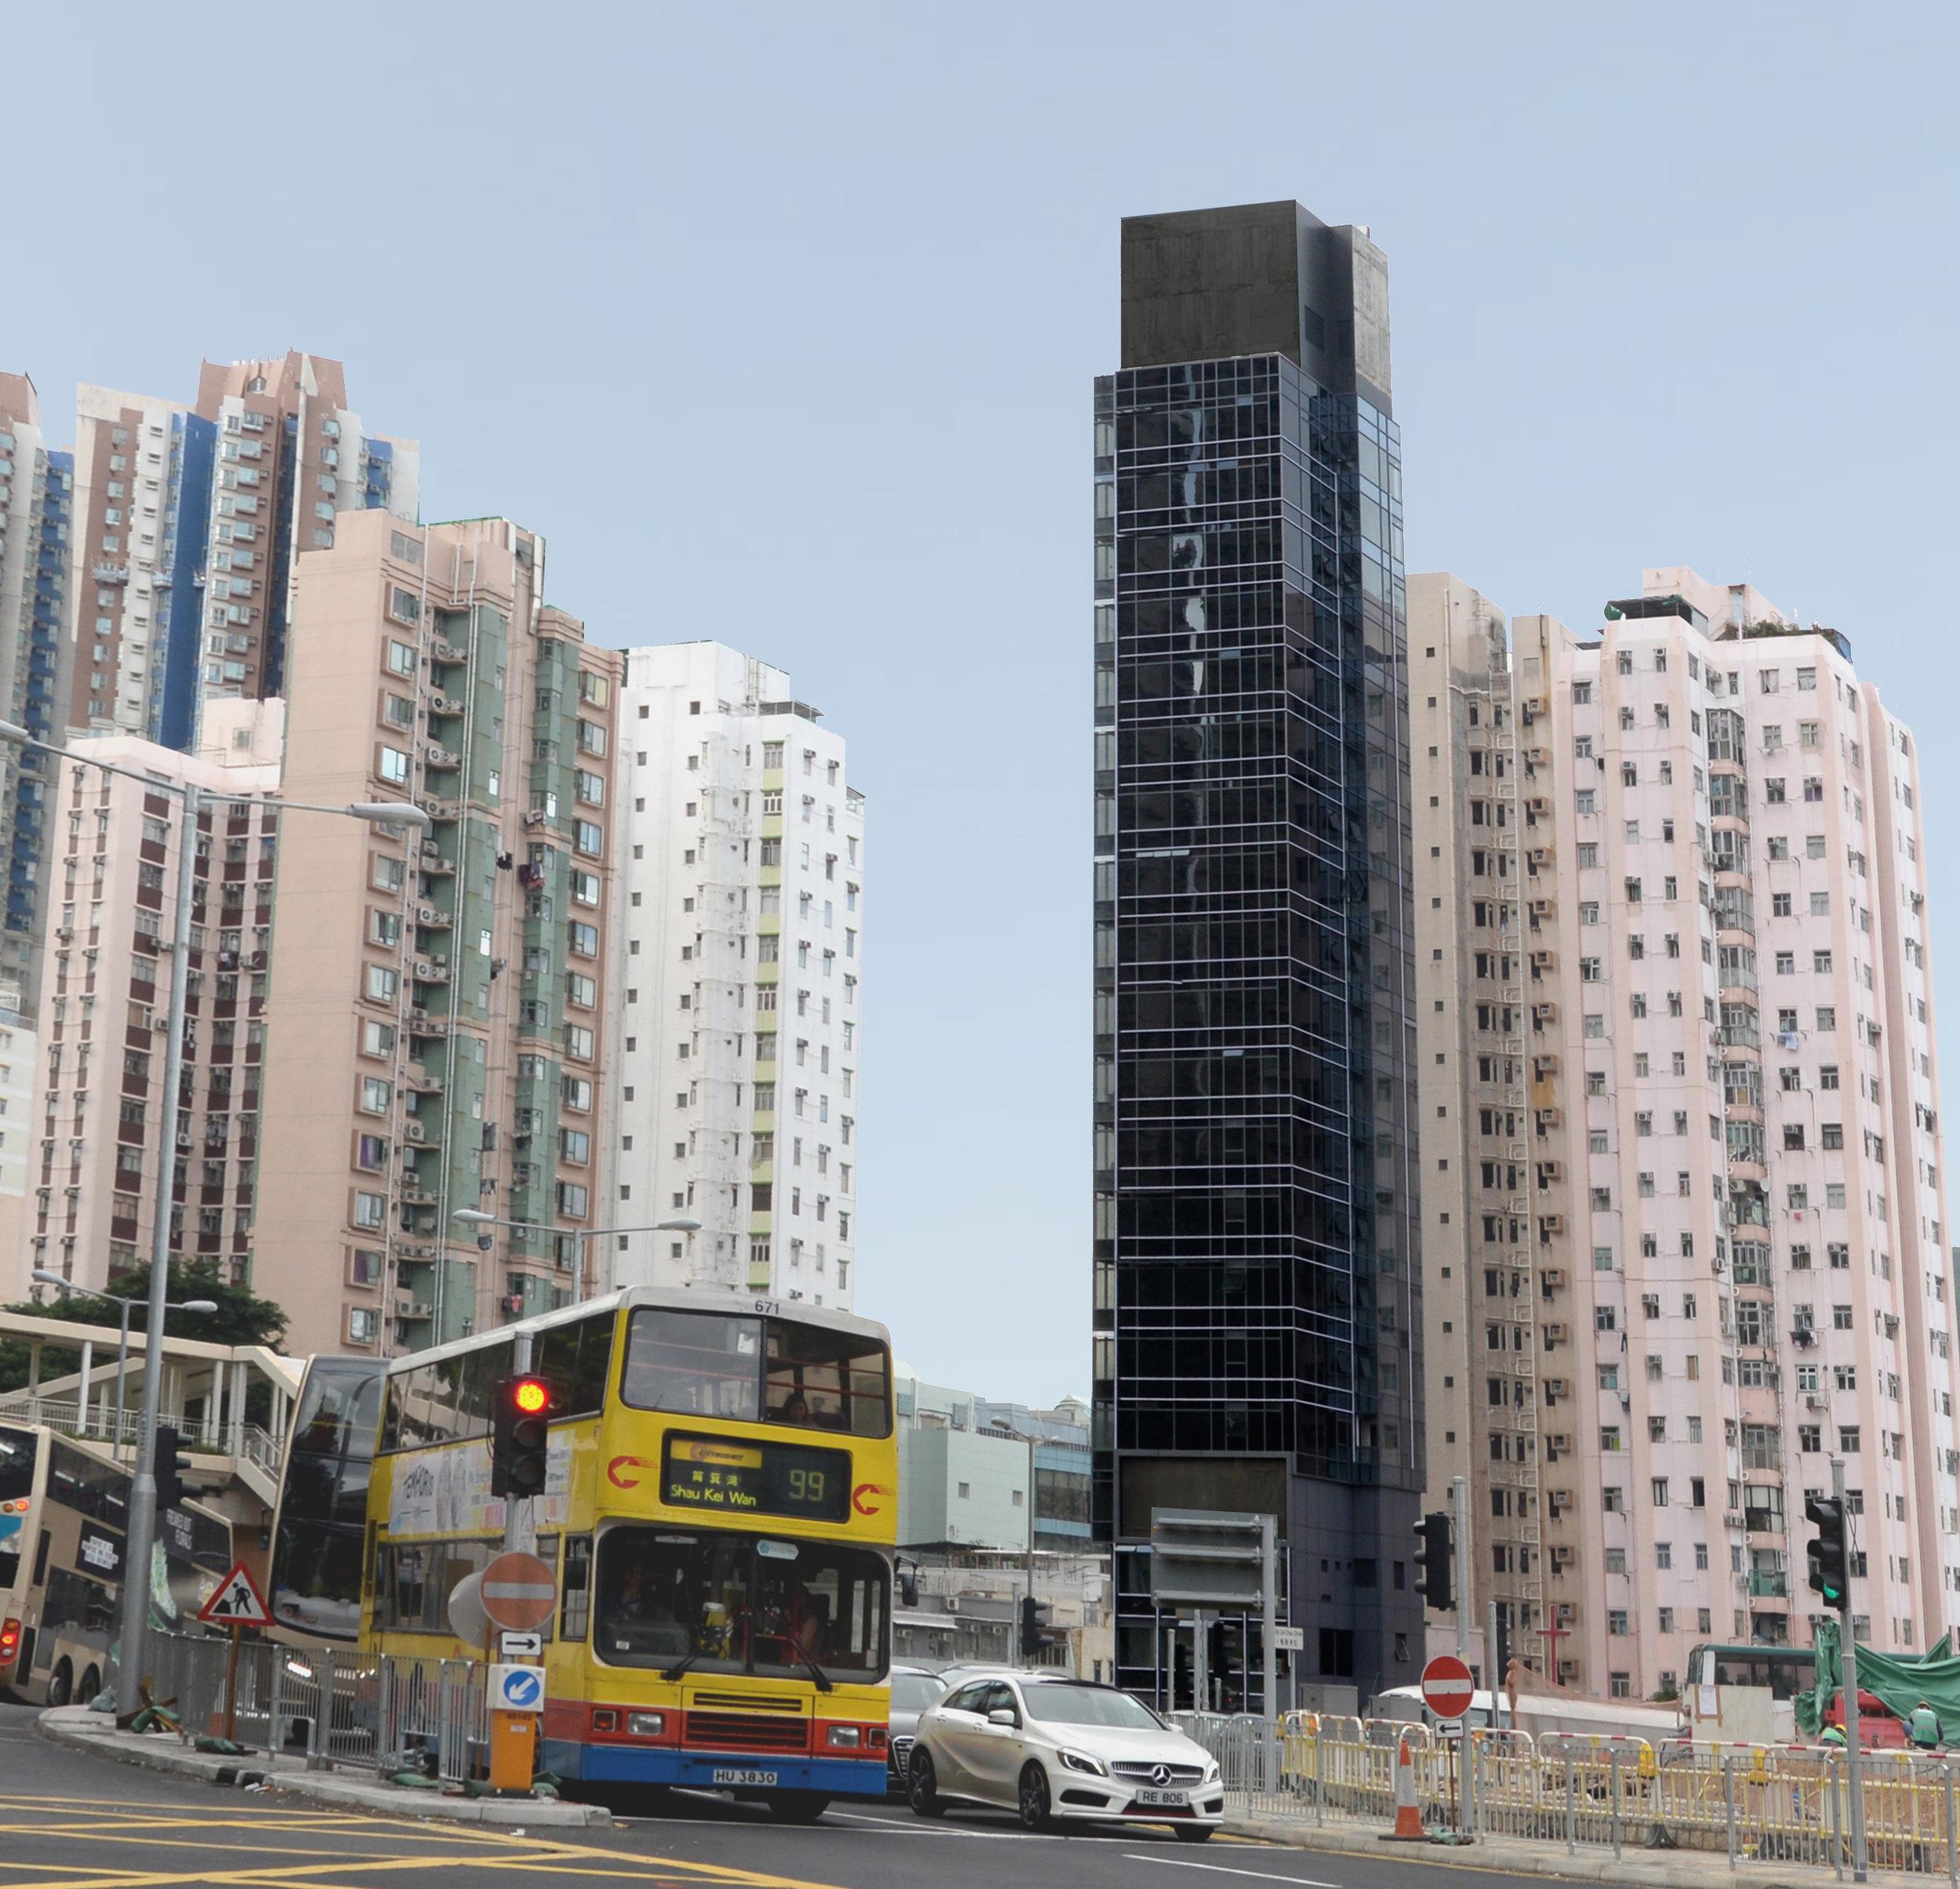 23 WAI FUNG STREET, AP LEI CHAU, HONG KONG